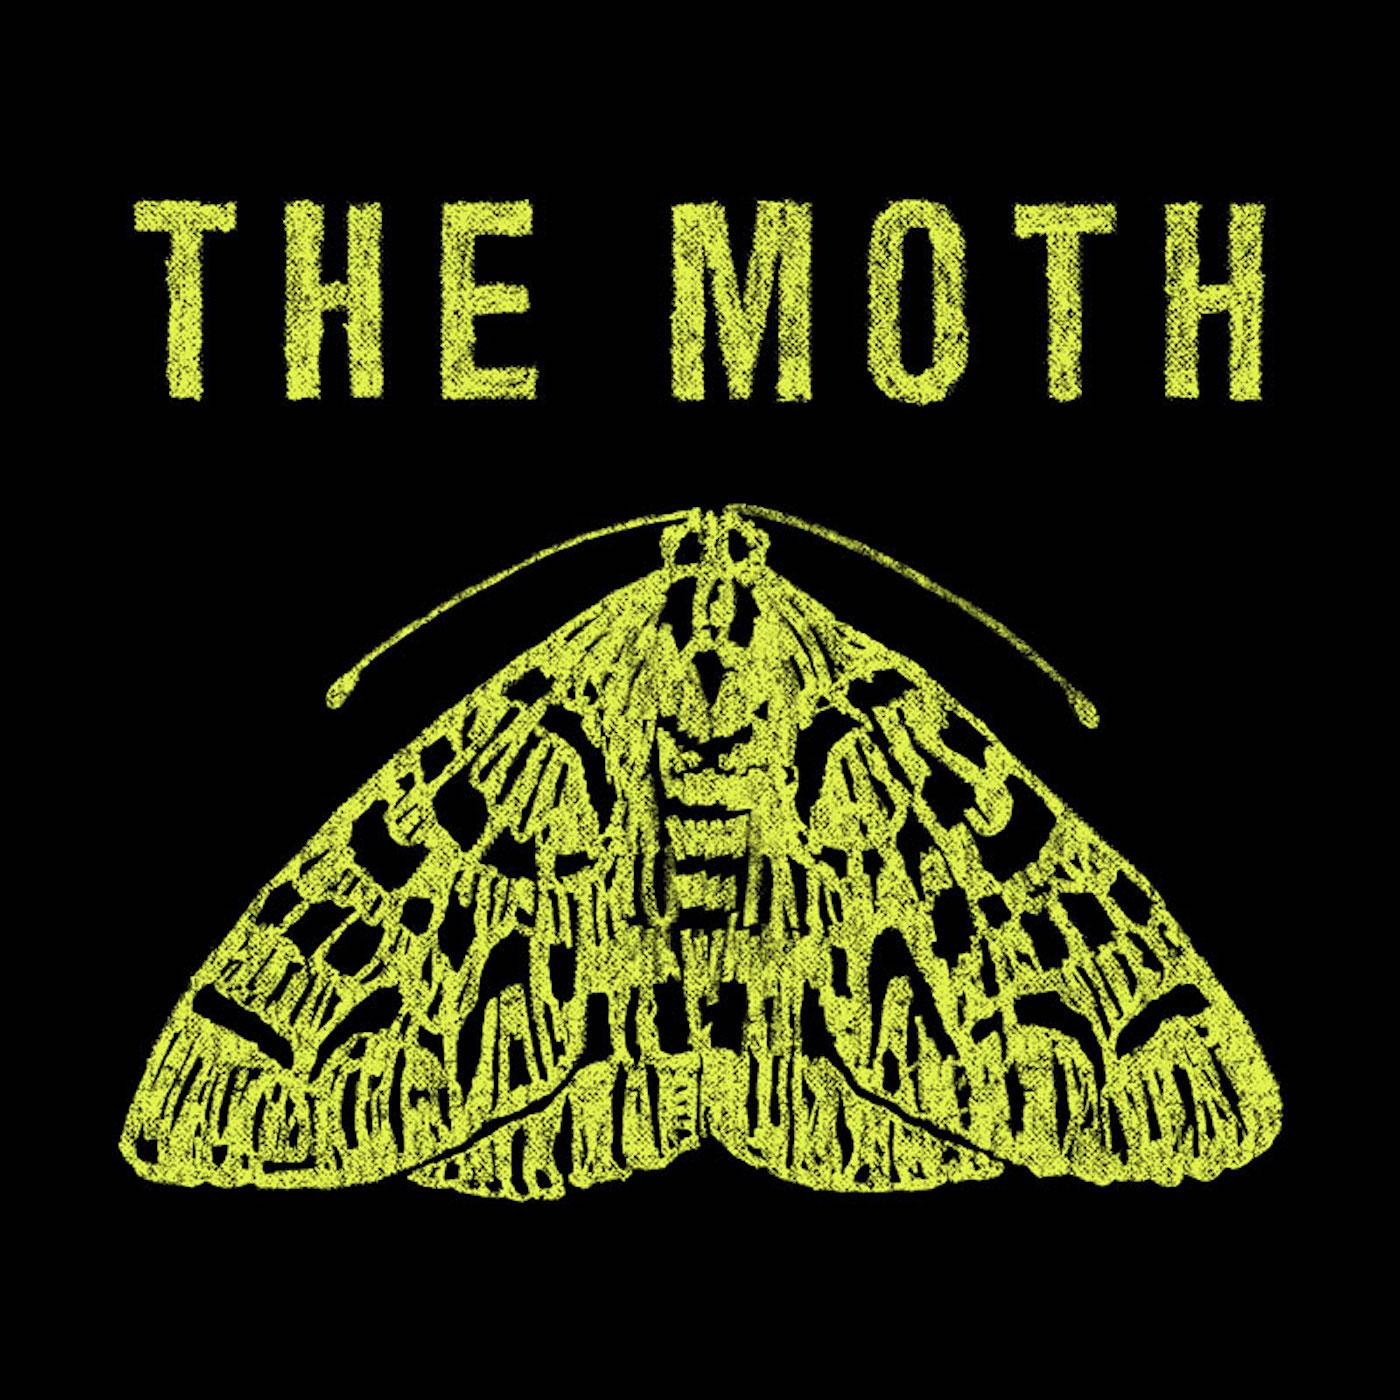 The Moth Radio Hour: Bible Bucks, Meatballs and Big Brothers